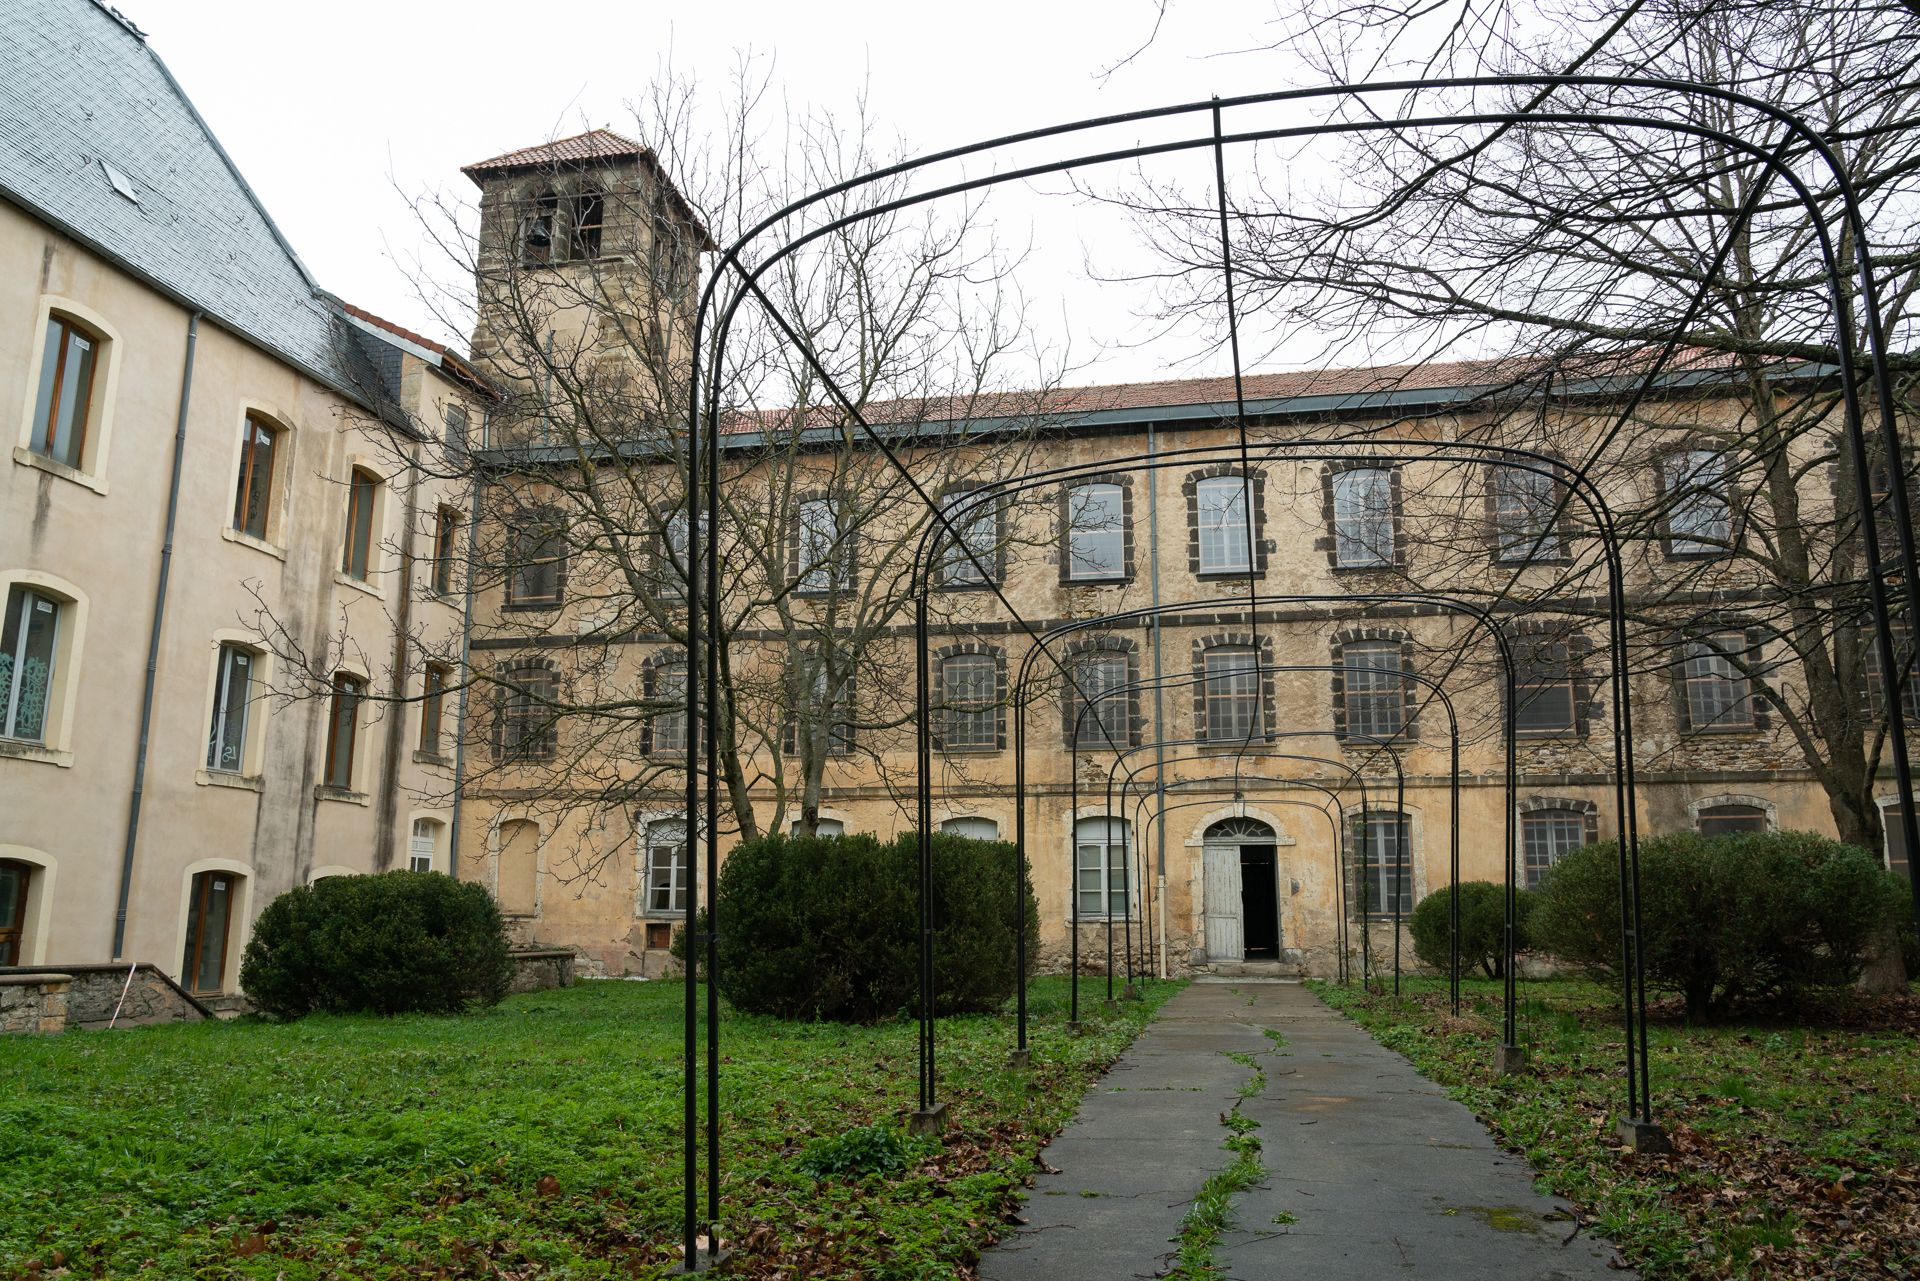 Restauration d'un ancien collège de Jésuites à Billom dans le Puy-de-Dôme